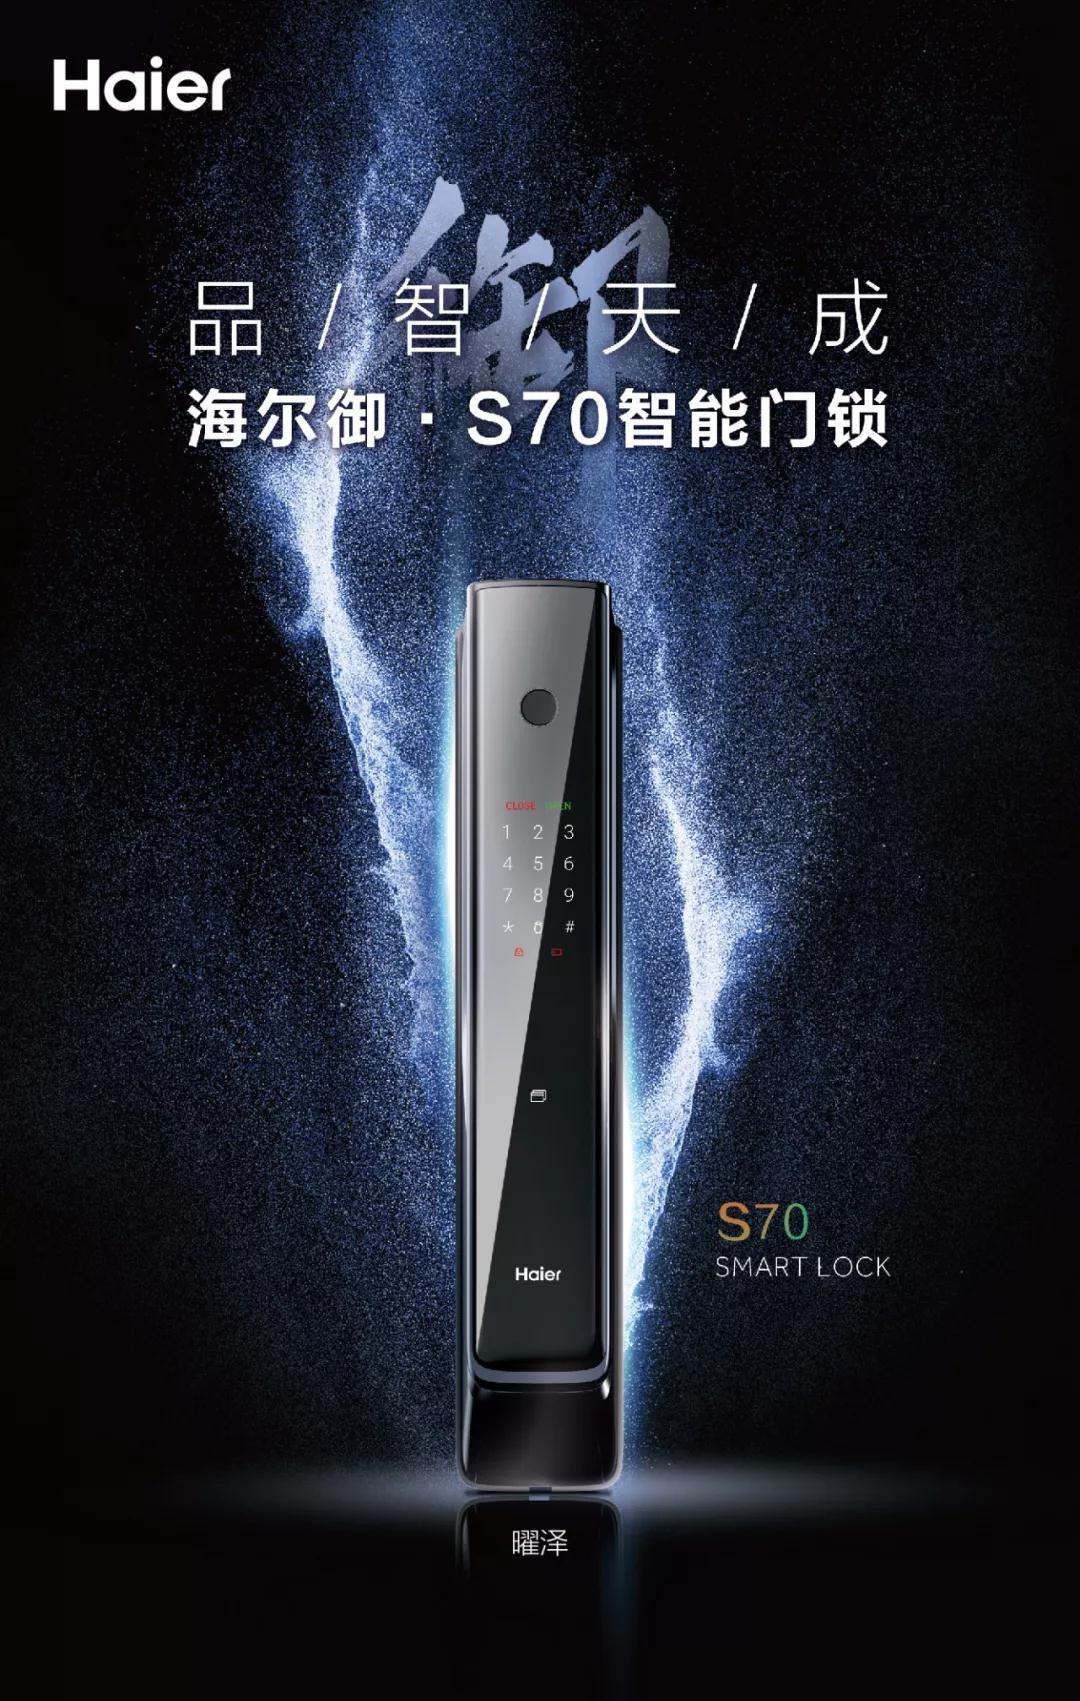 【智能家居新品推荐】海尔御·S70智能门锁,品智天成 锁御未来